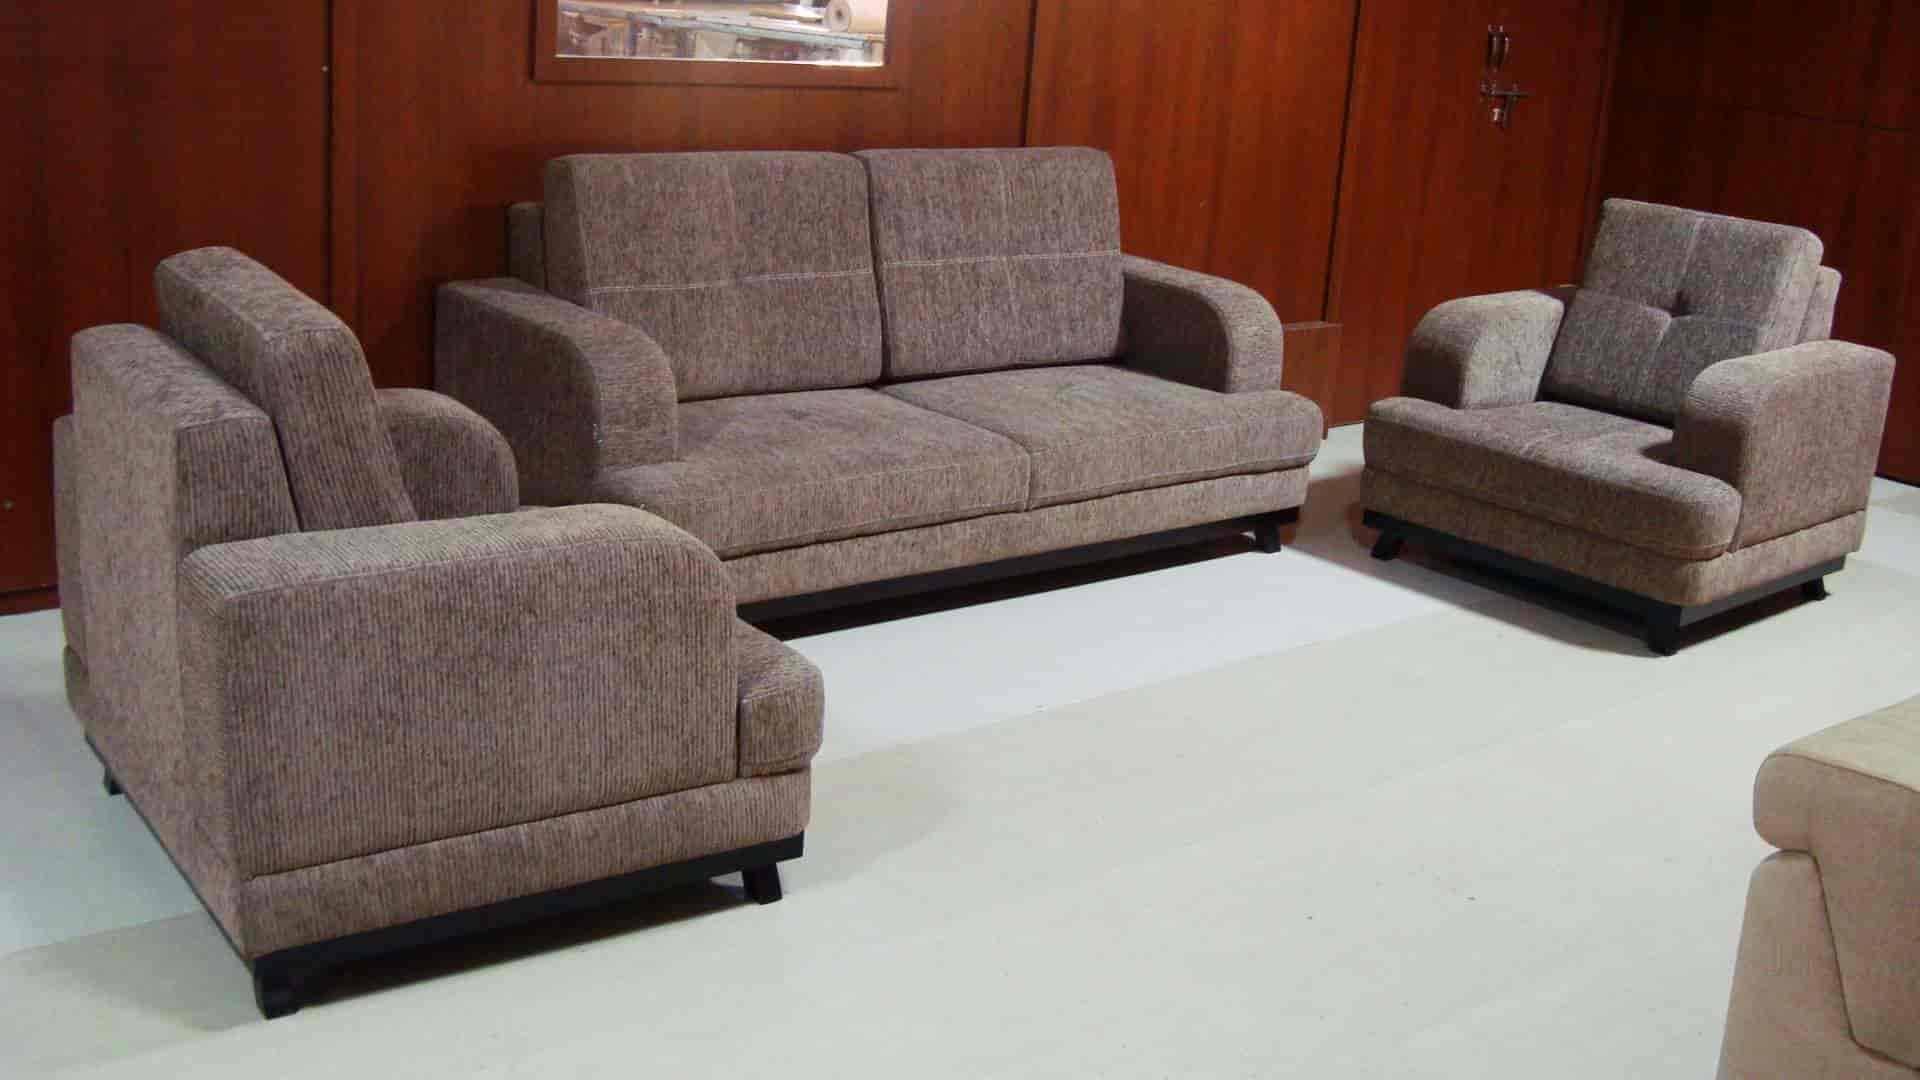 Furniture world photos wadi nagpur furniture dealers